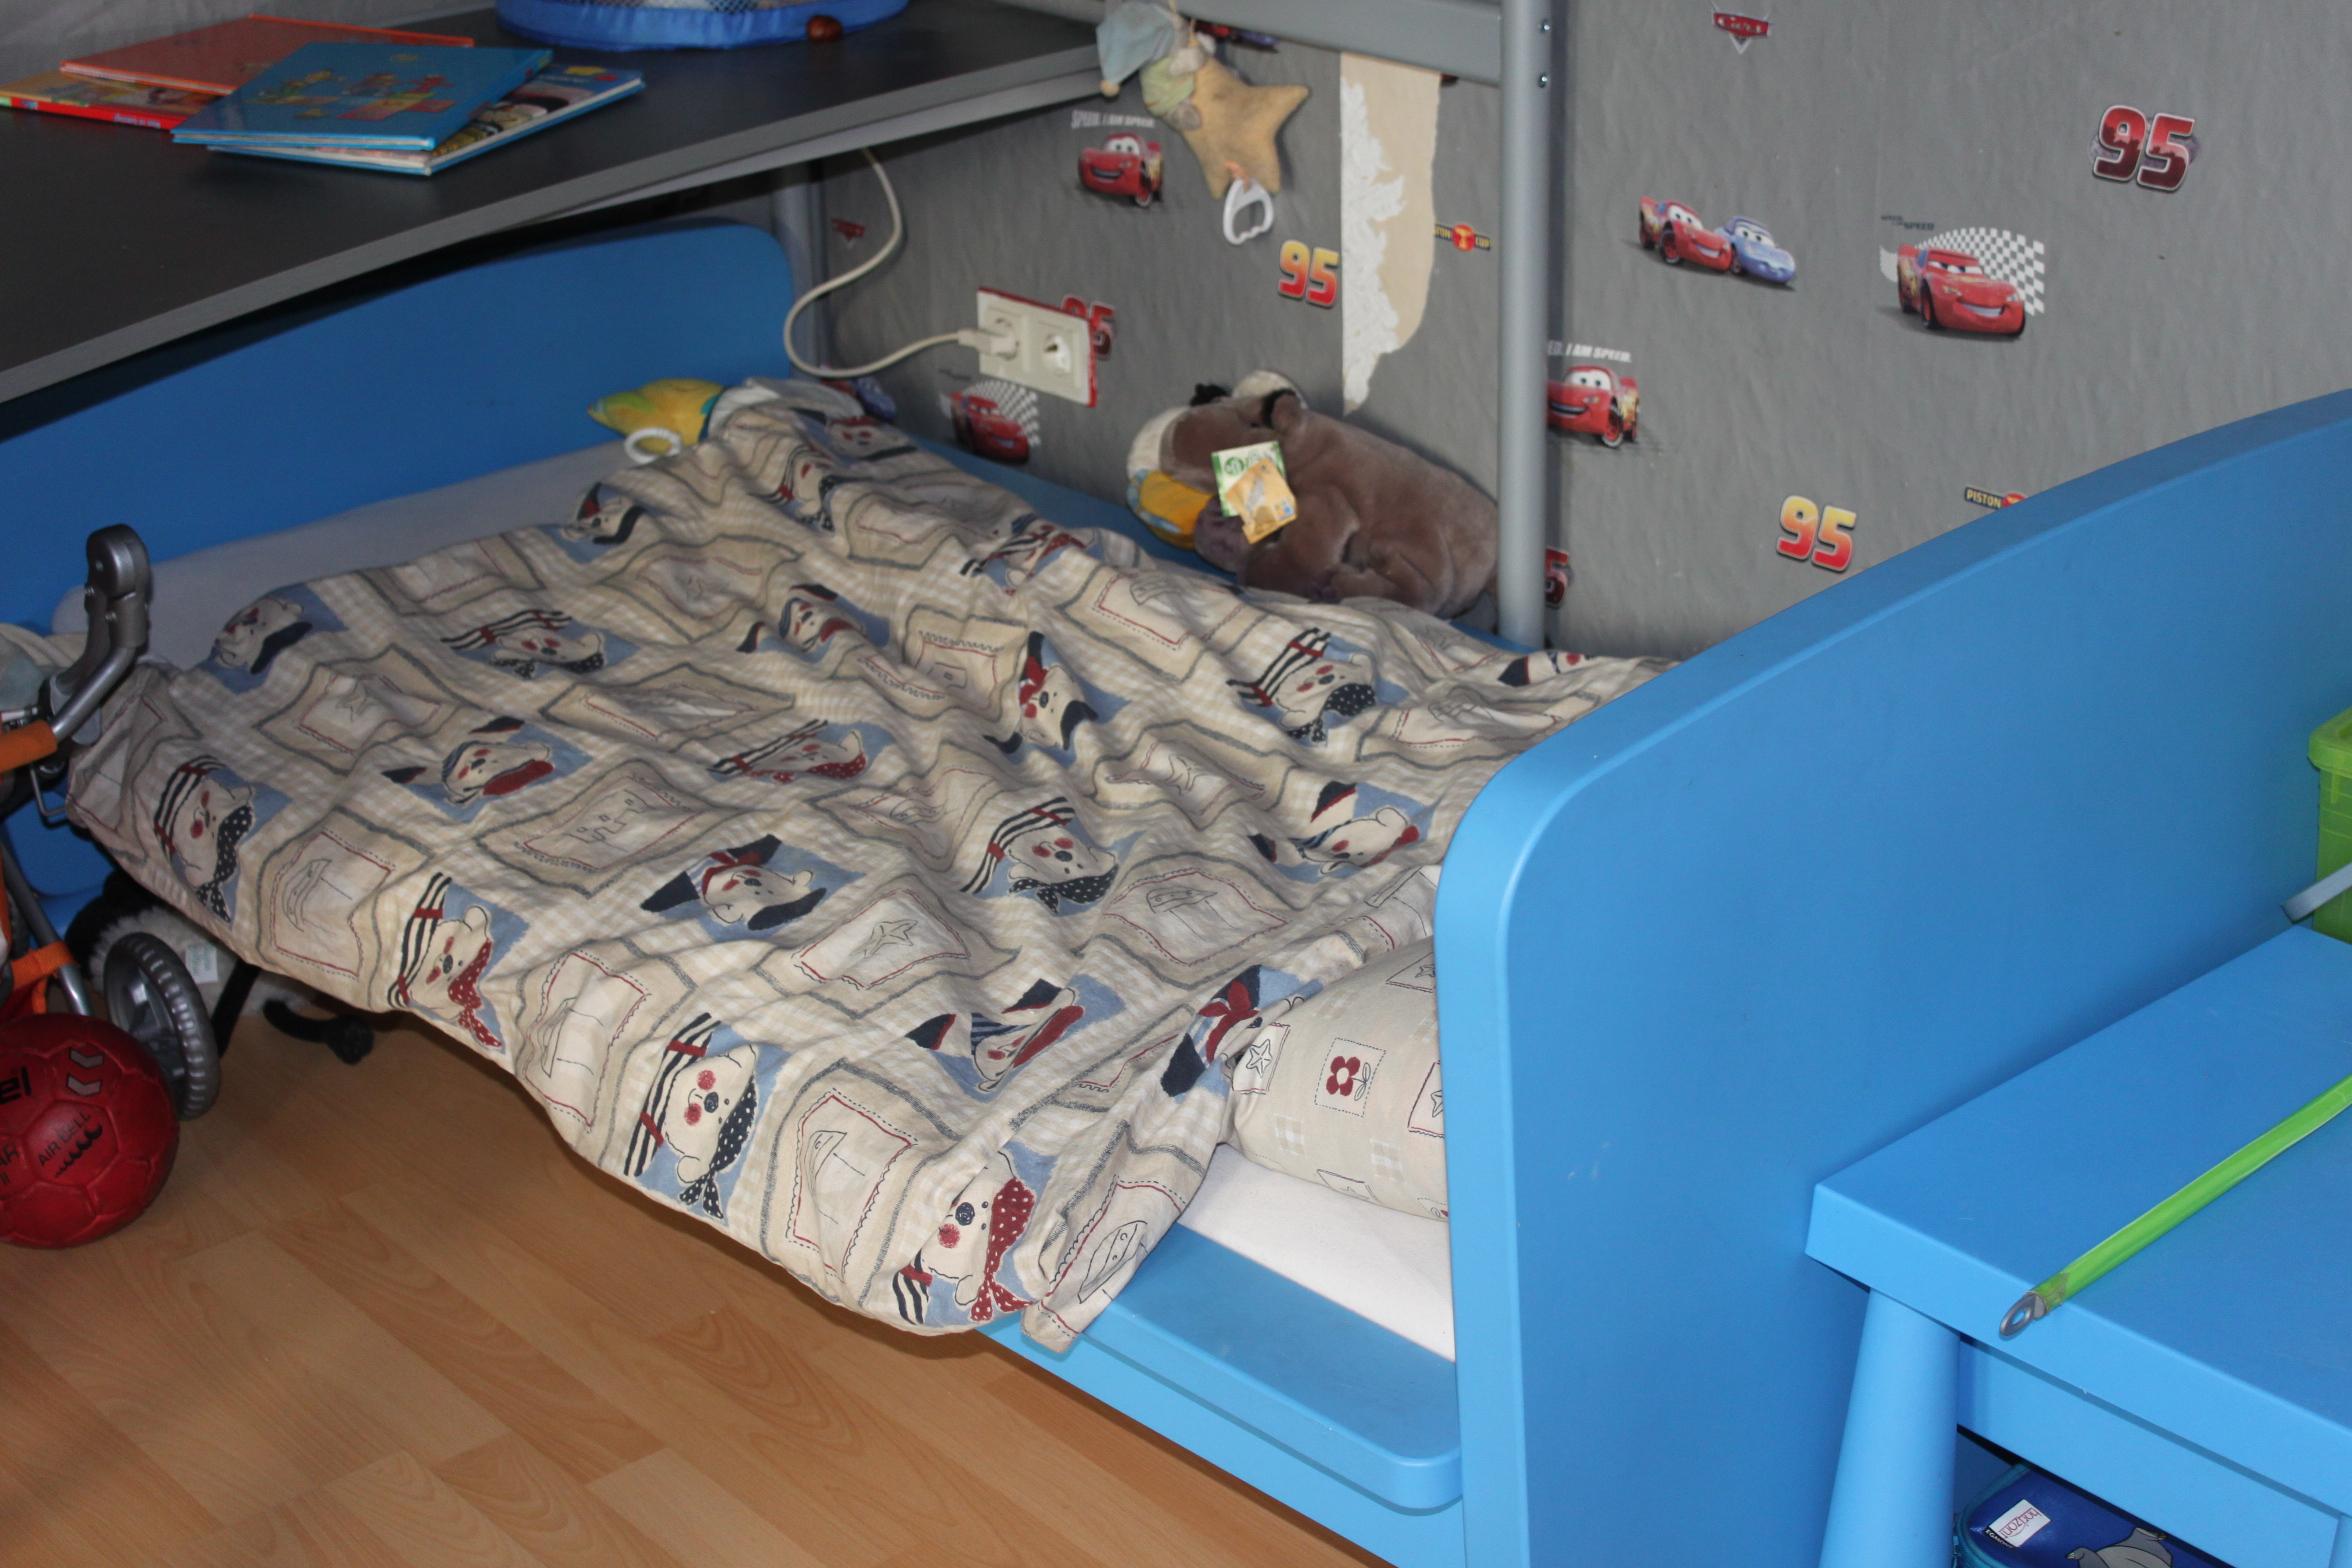 Kleinanzeigen Kinderzimmer, Jugendzimmer